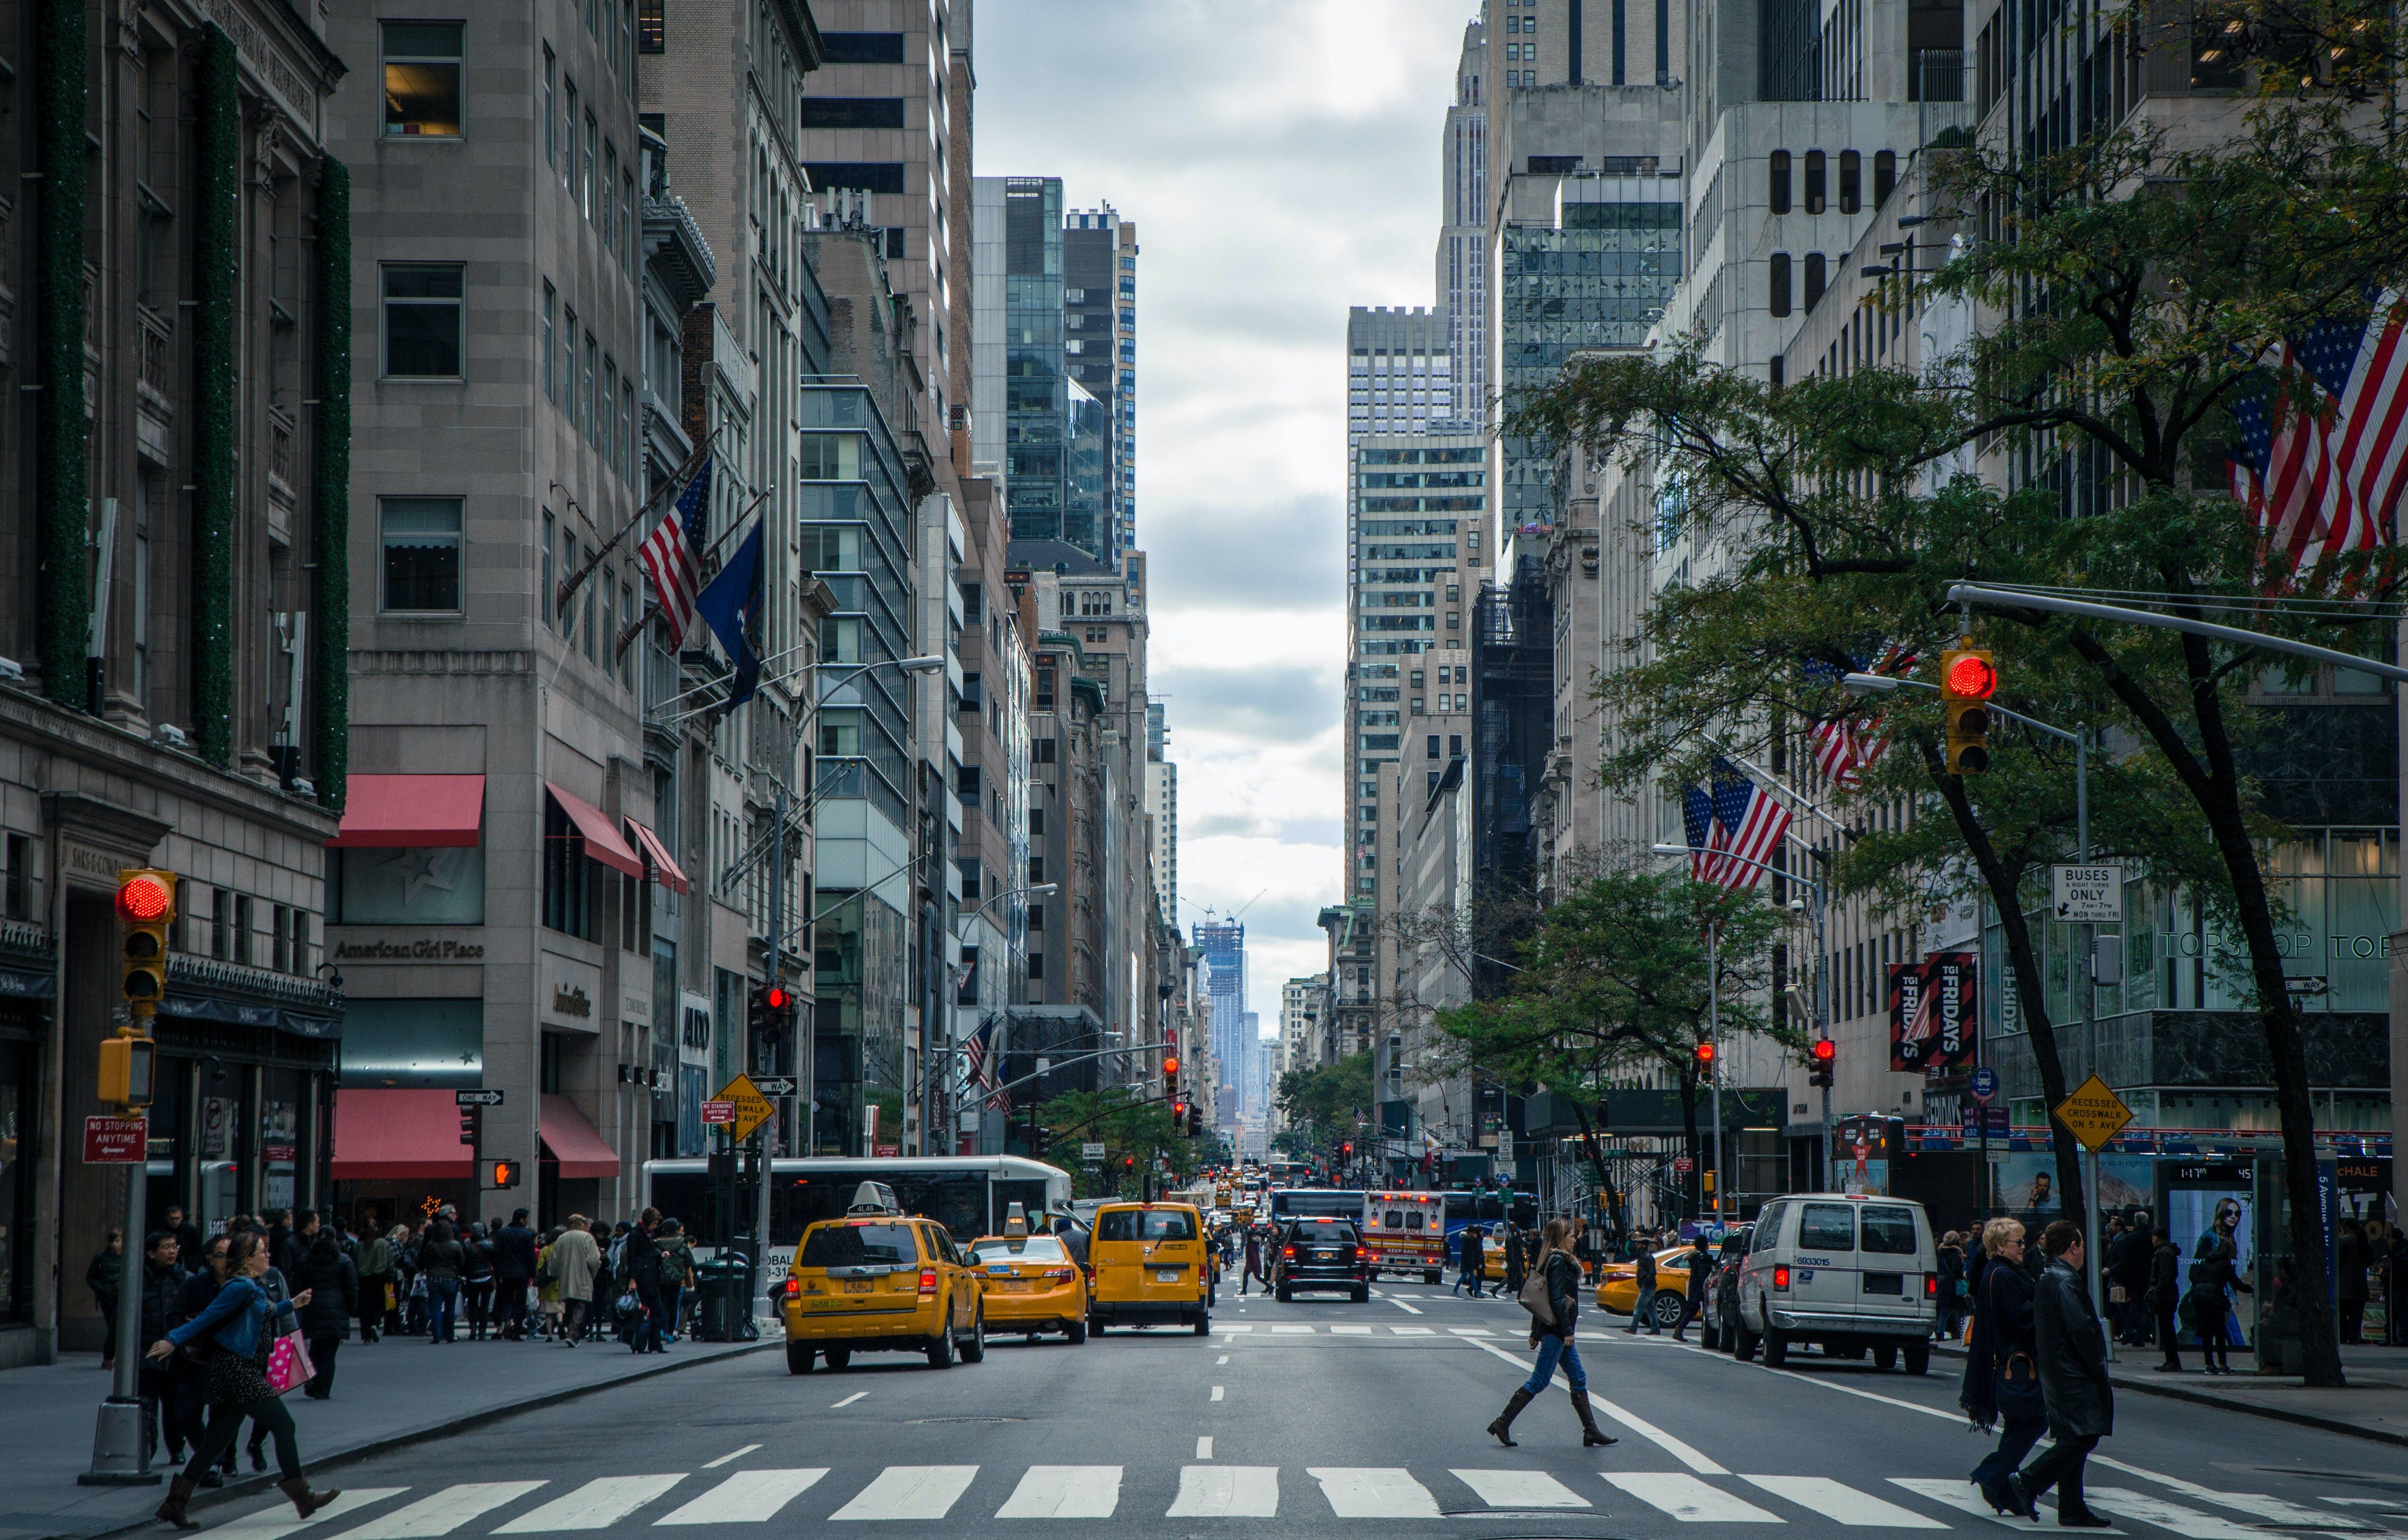 Kostnadsfri bild av amerika, arkitektur, bilar, byggnader